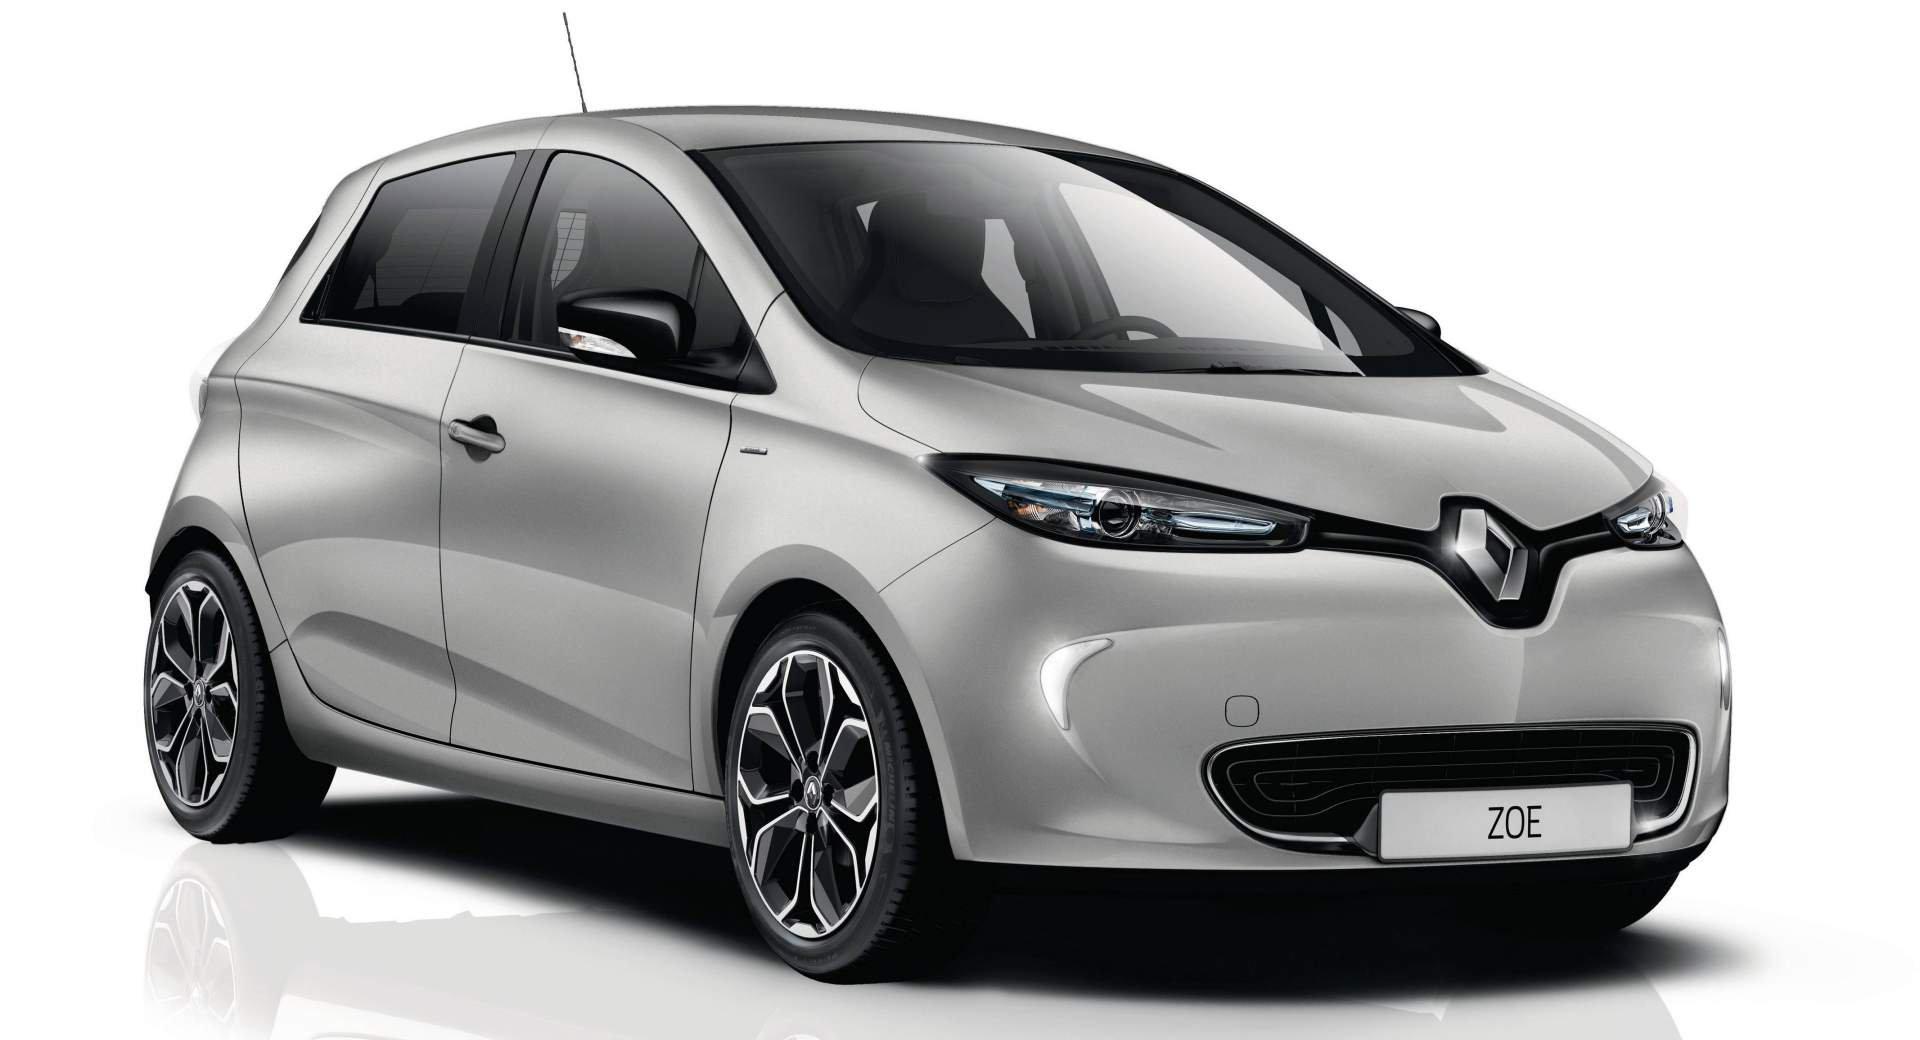 Renault elektrikli araç fiyatları - Renault zoe fiyatları